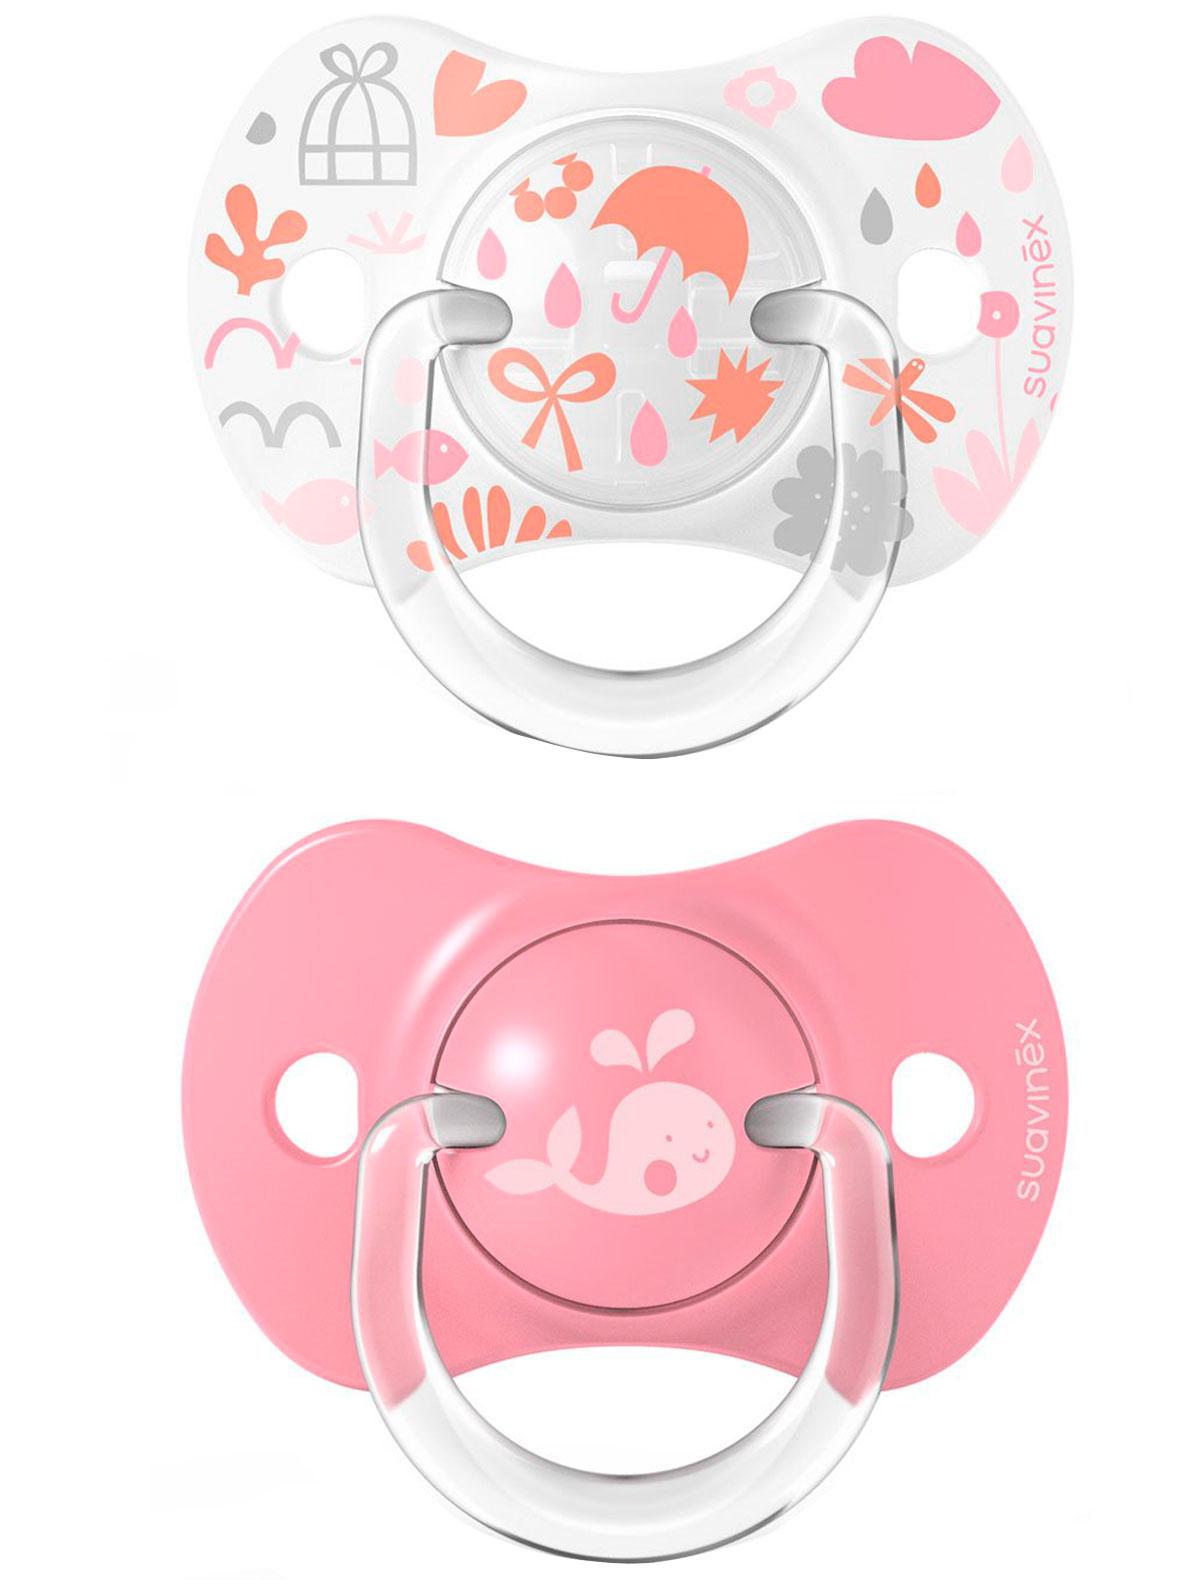 Купить 2284960, Соска Suavinex, розовый, 5104520170160